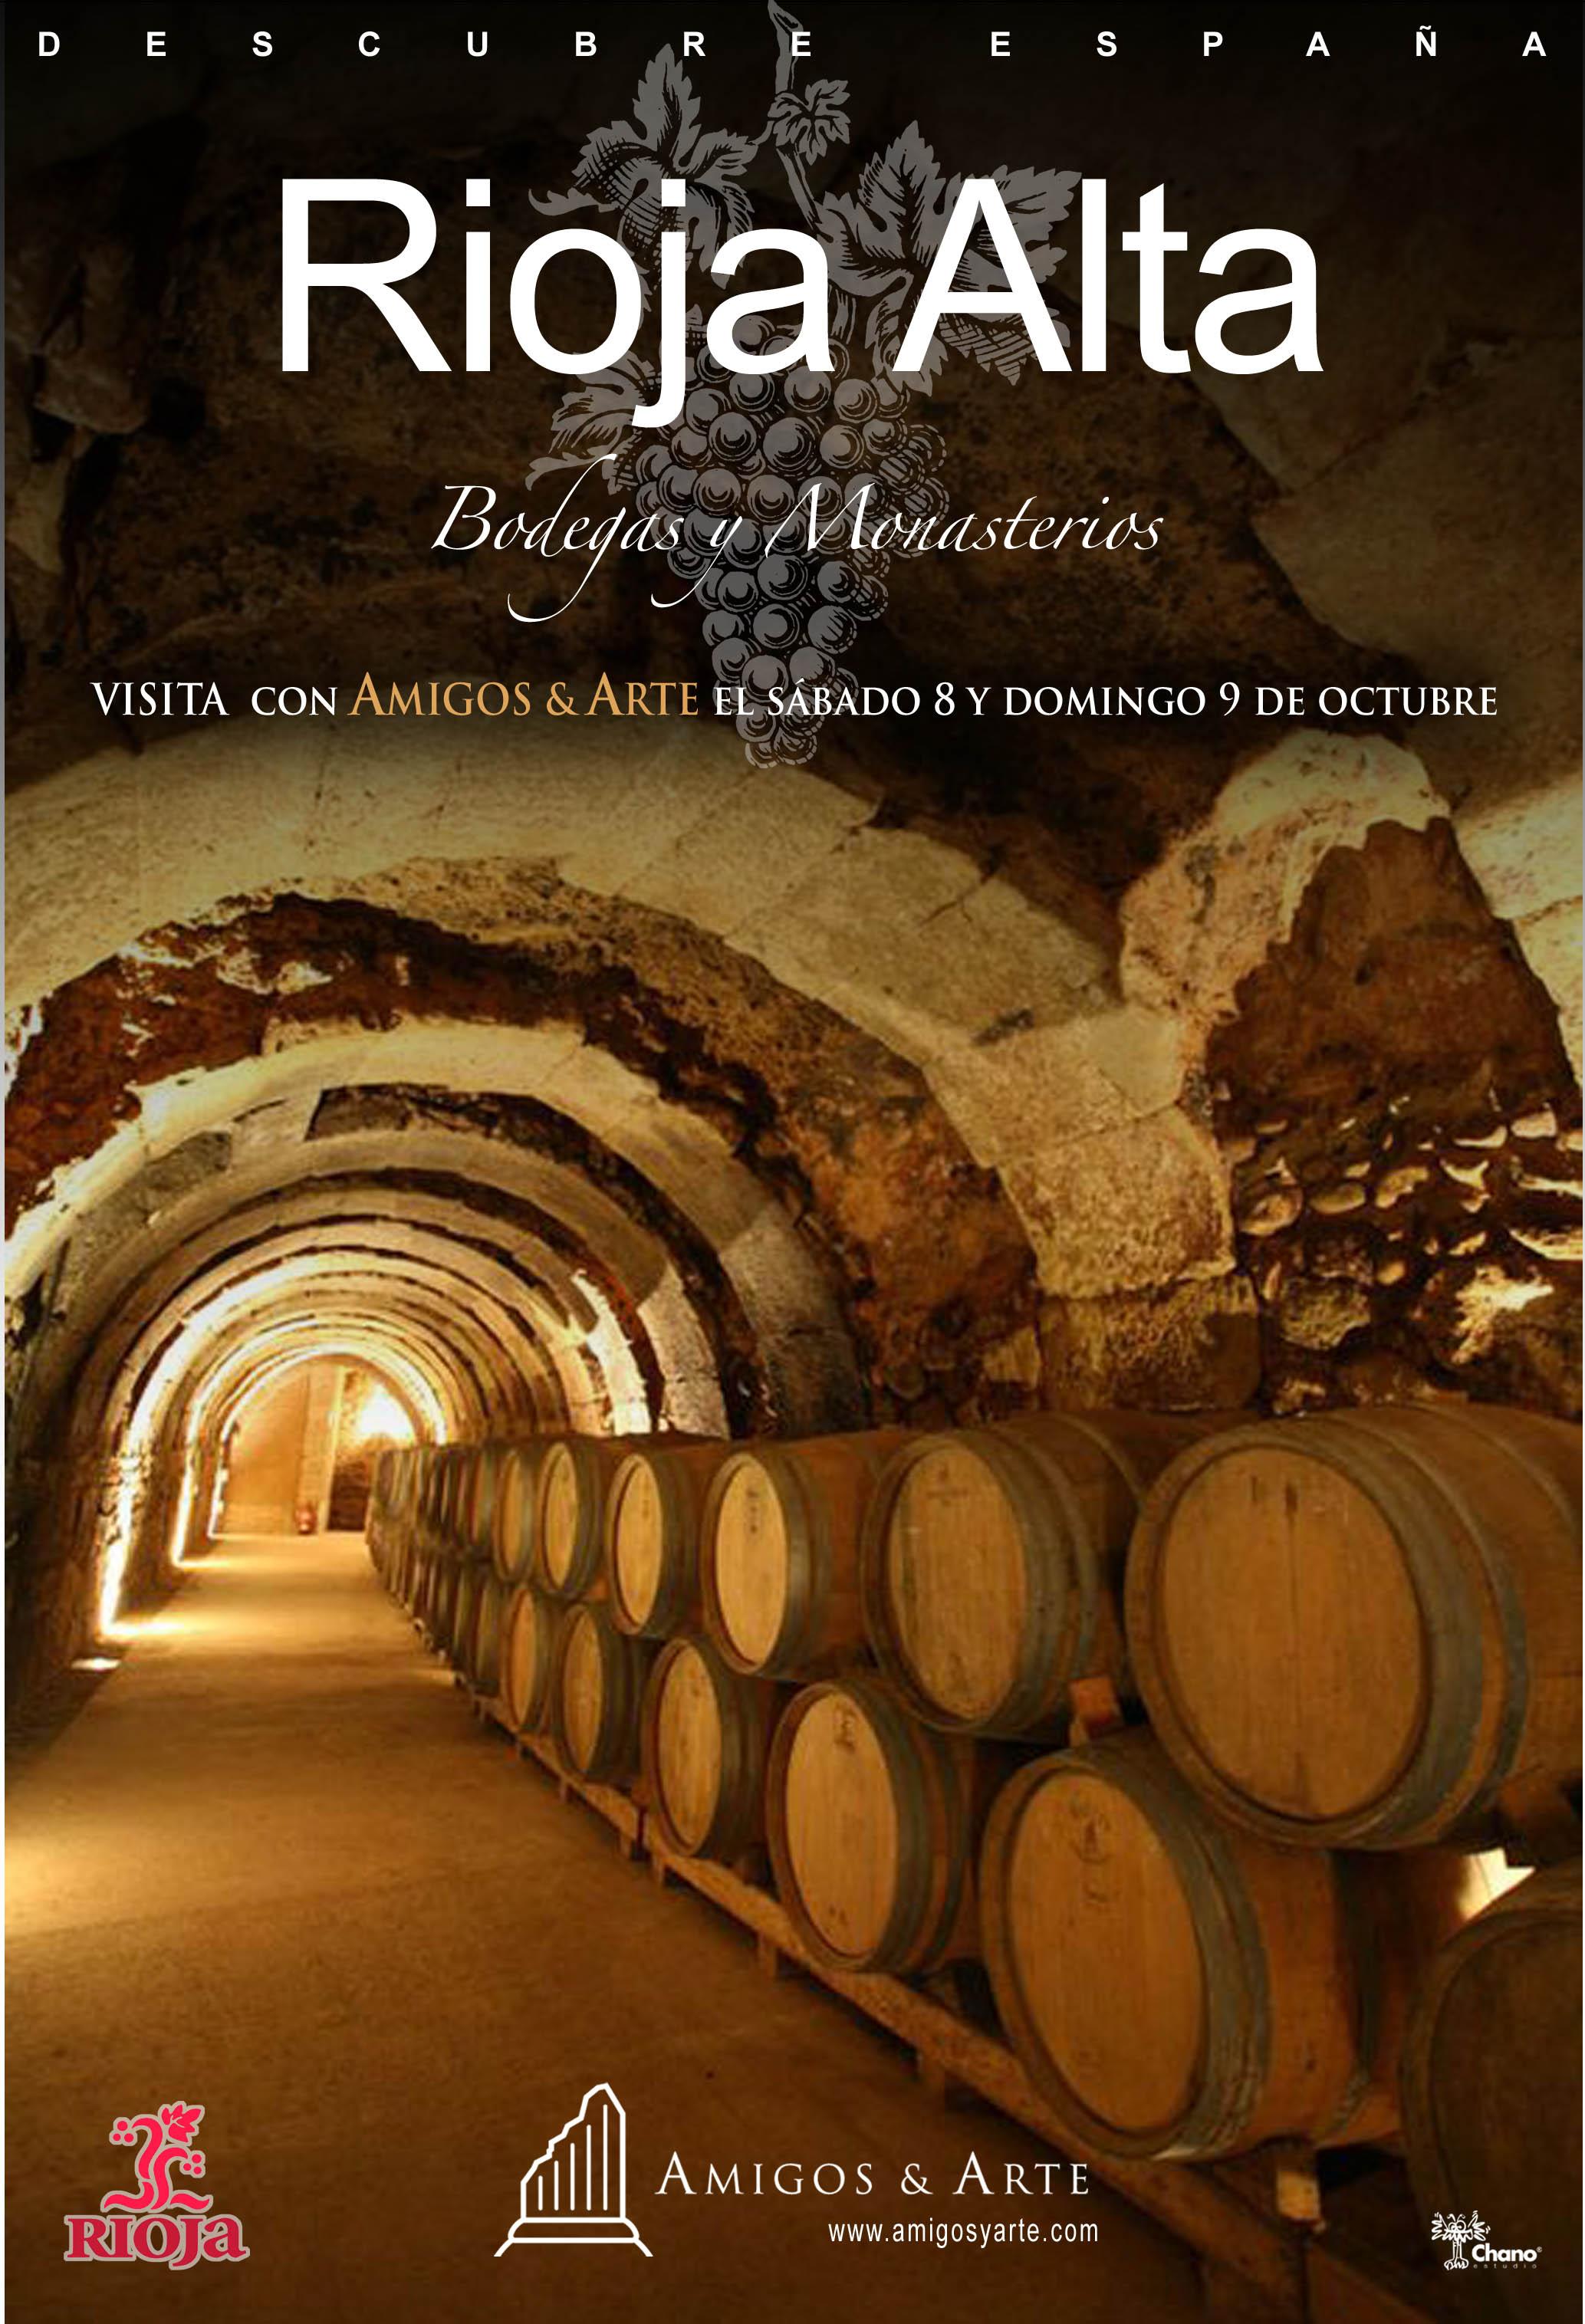 Visita con Amigos & Arte a la Rioja Alta. Conoce sus bodegas y Monasterios. La cuna del castellano.